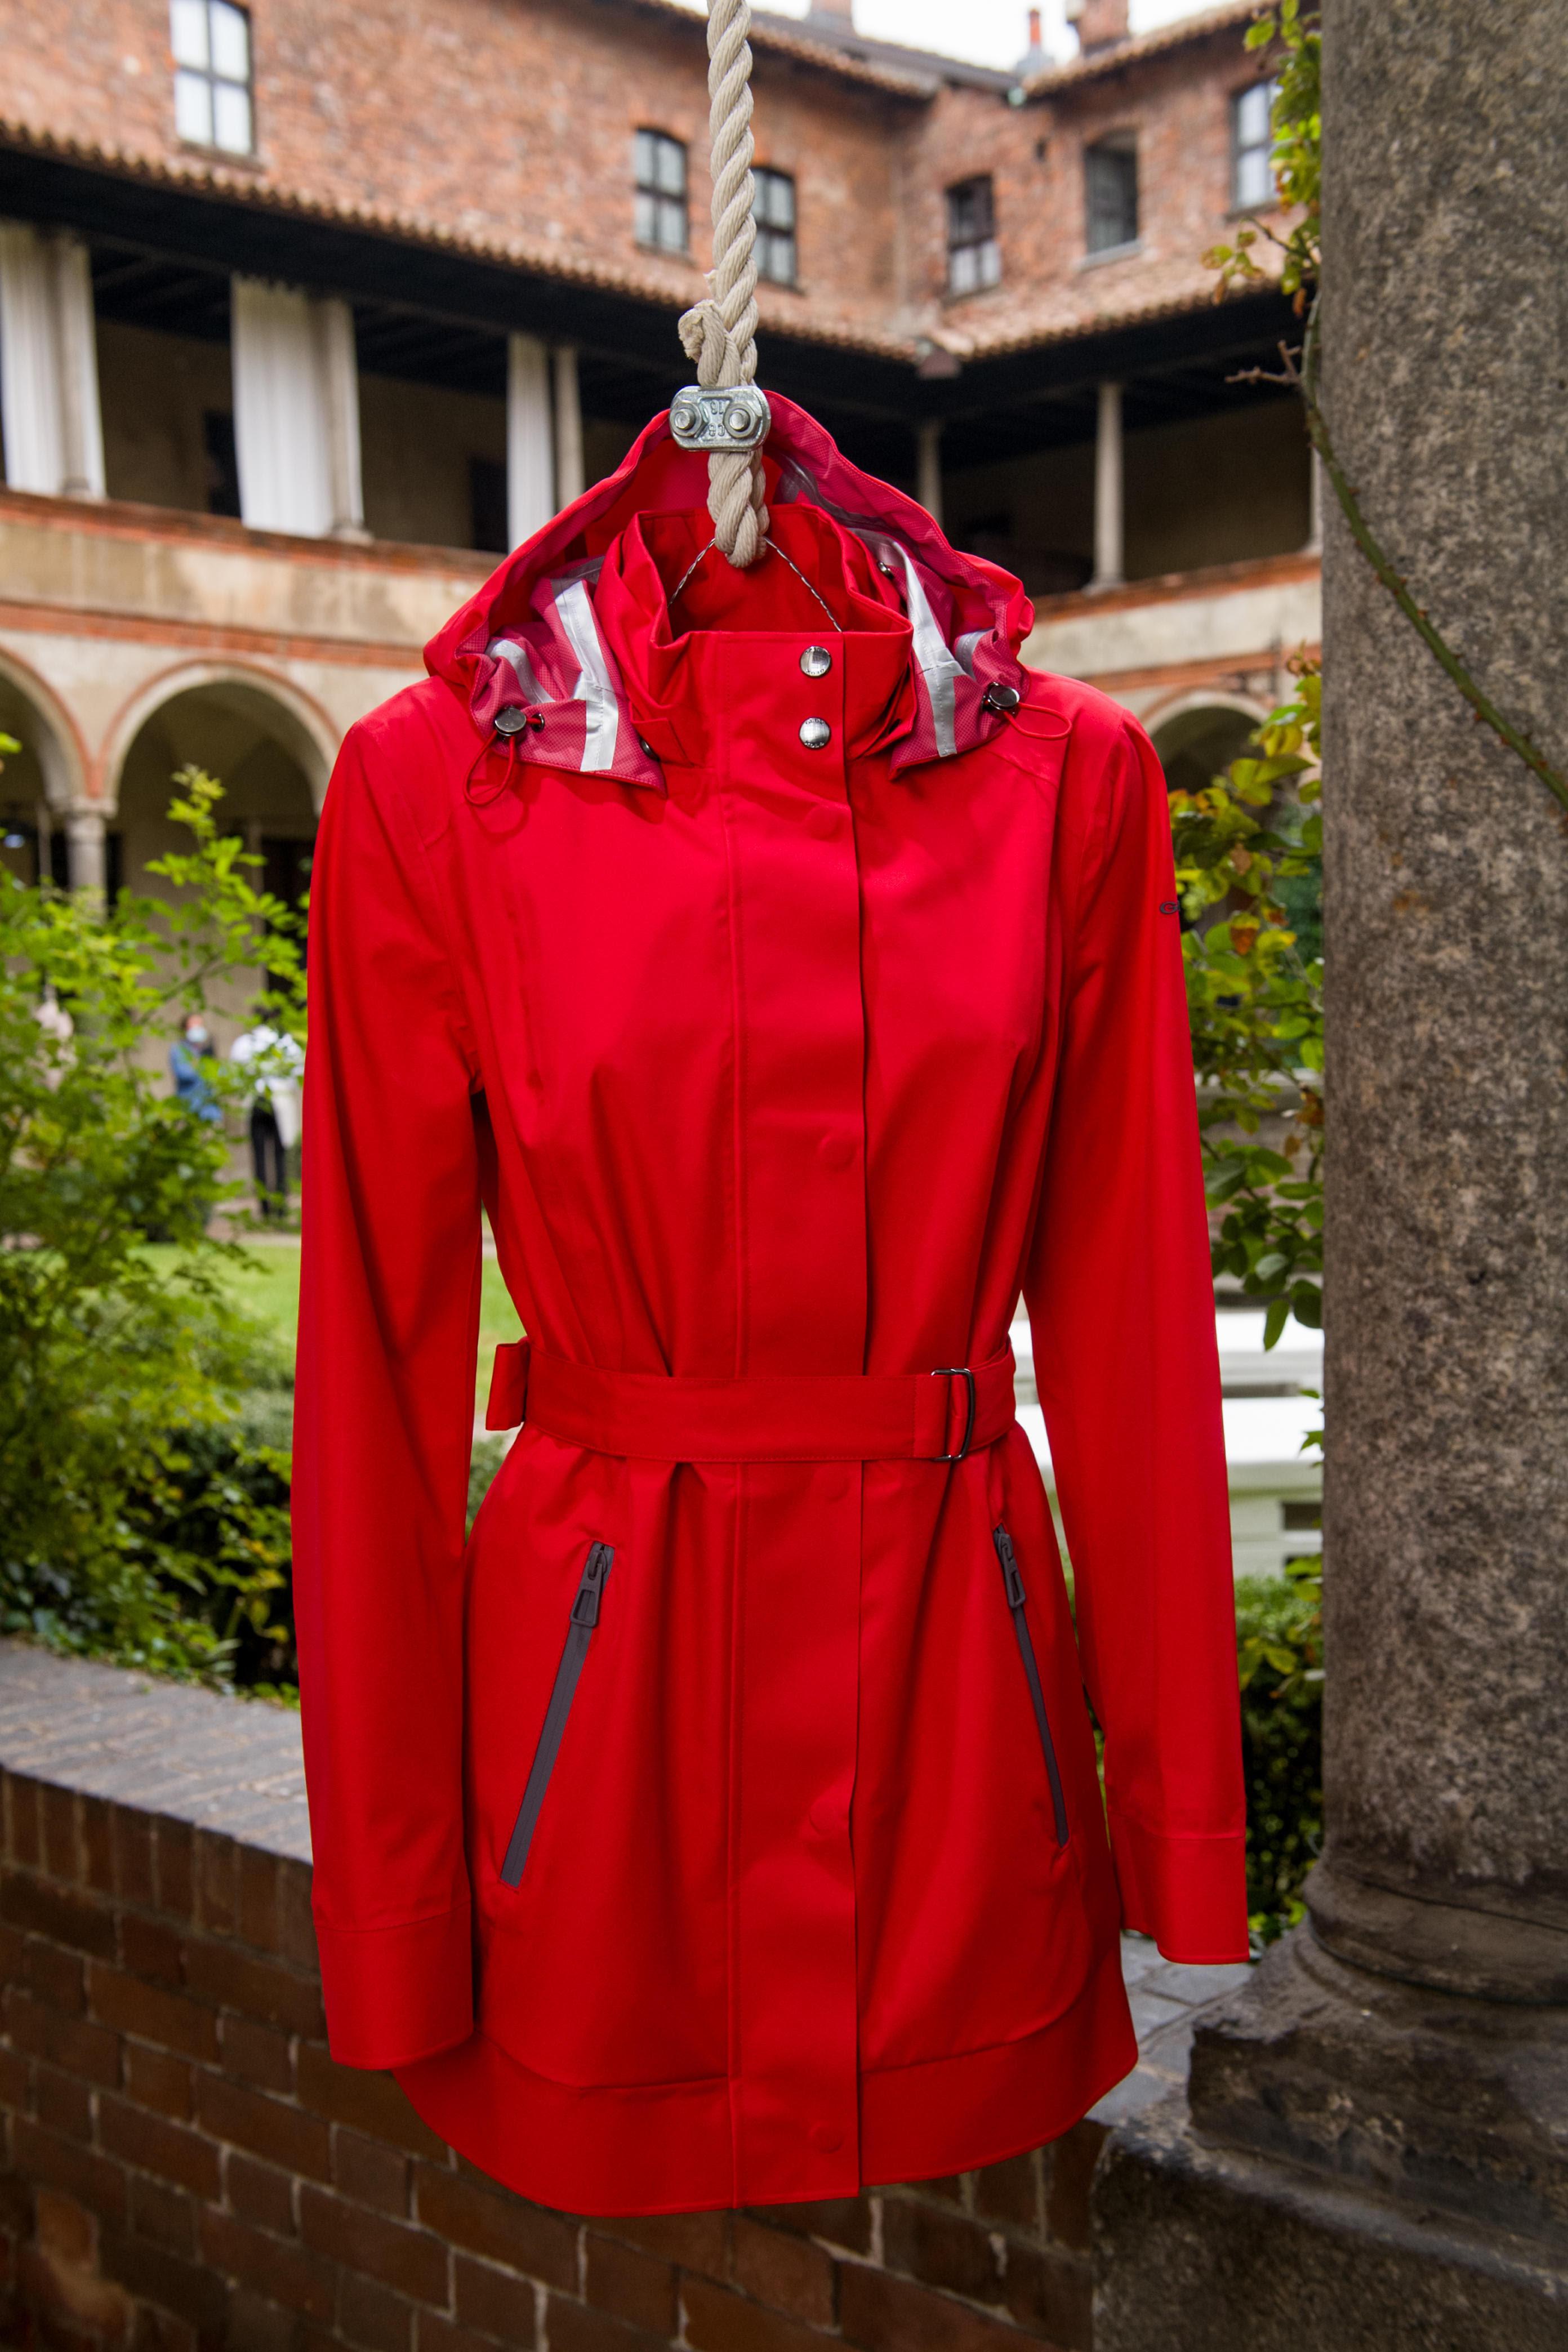 67b926d9 f594 432f 830c eeb759d27077 - GEOX presenta su colección de mujer Primavera / Verano 2021